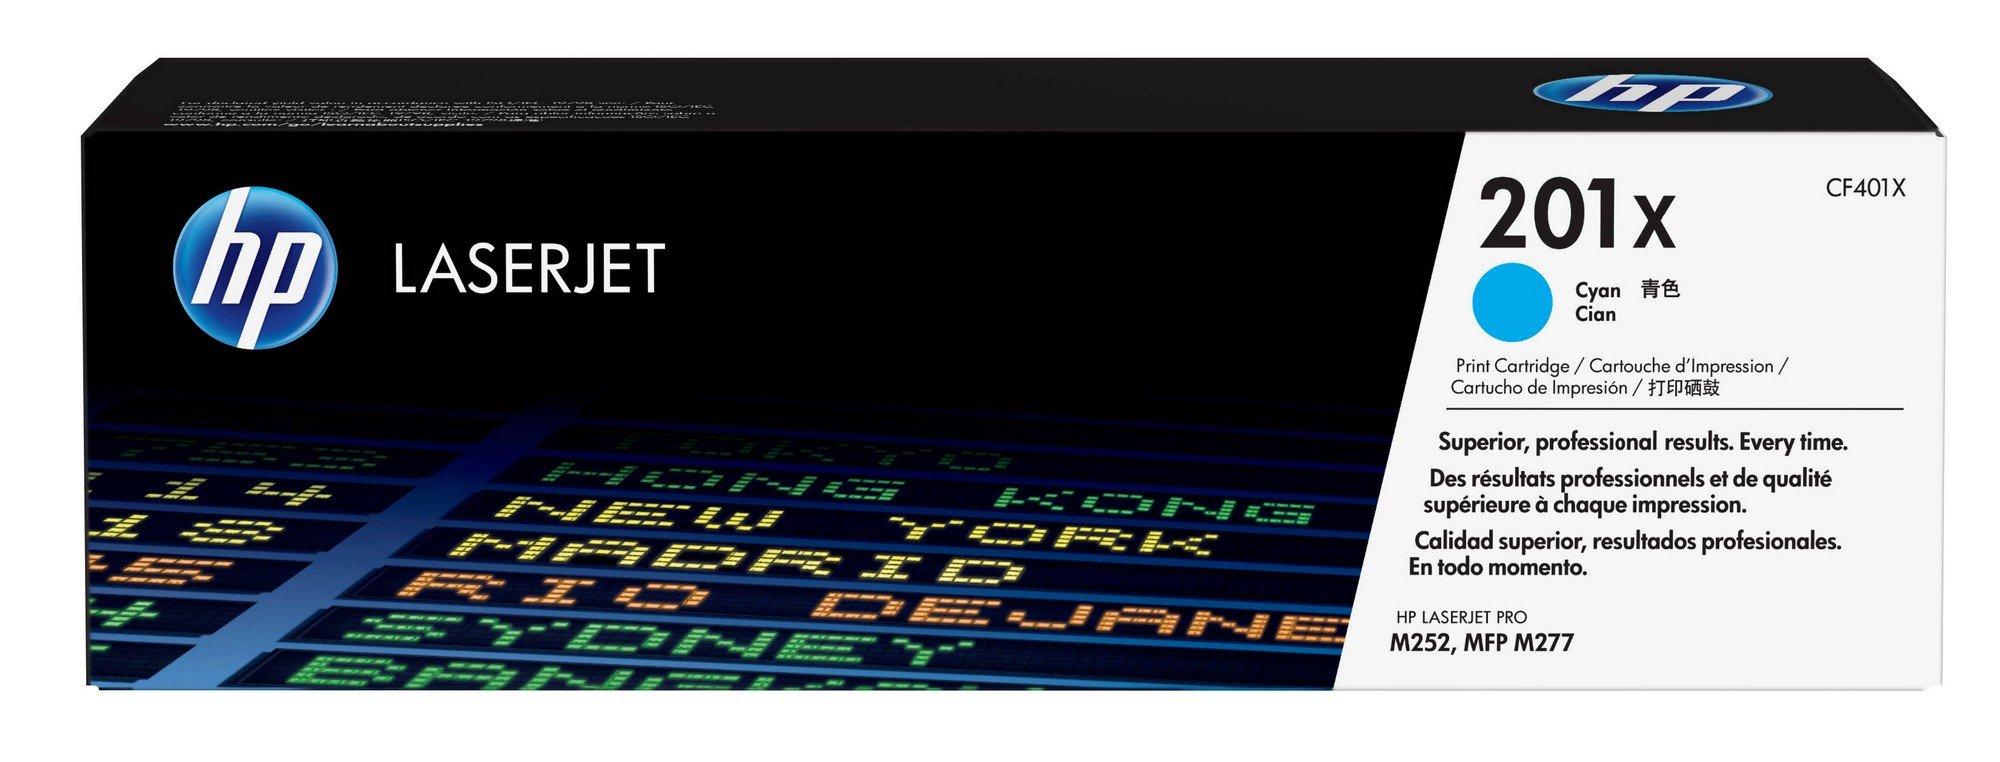 HP 201X (CF401X) Toner Cartridge, Cyan High Yield for HP Color LaserJet Pro M252dw, M277, M277c6, M277dw